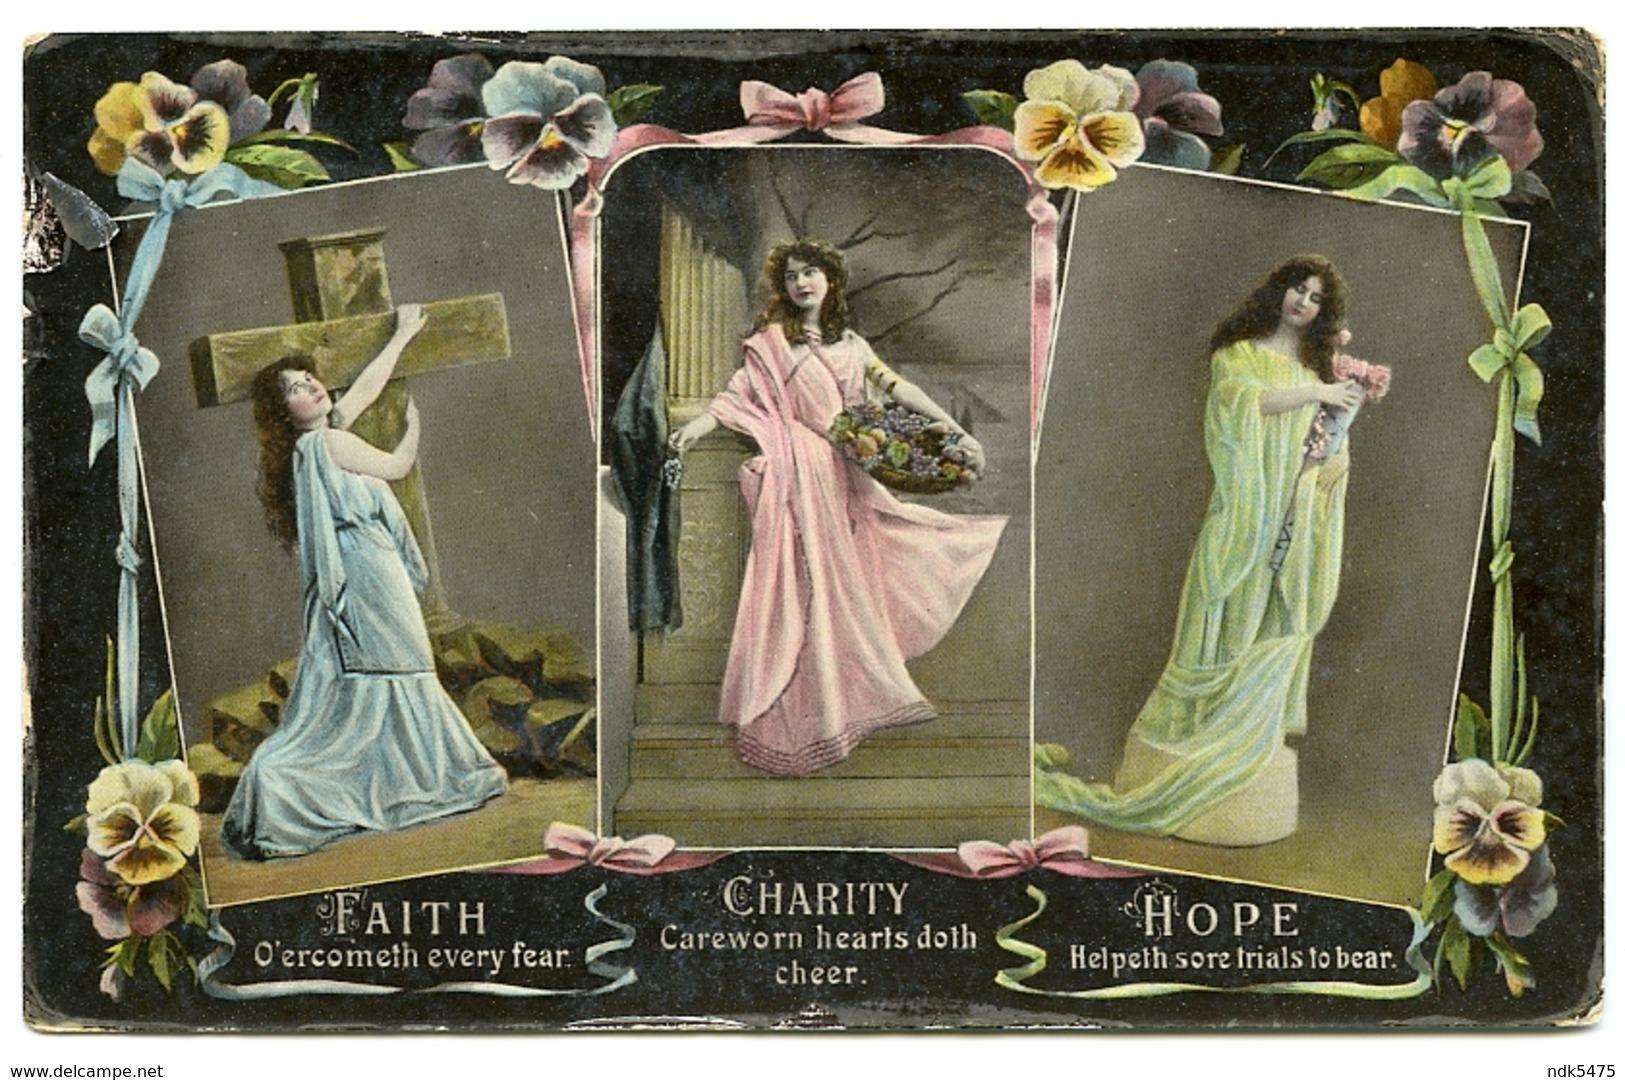 FAITH, CHARITY & HOPE - Christentum